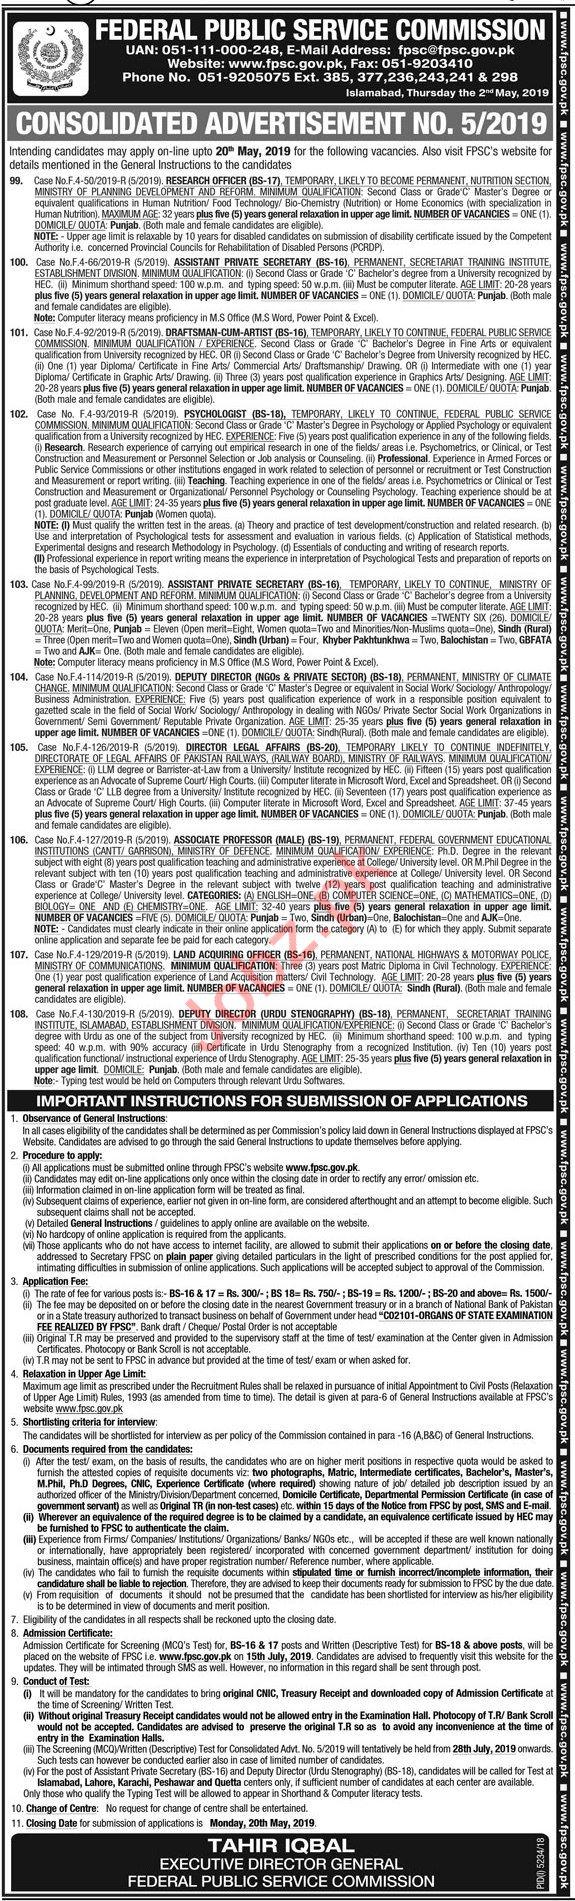 Federal Publc Service Commission FPSC Jobs 2019